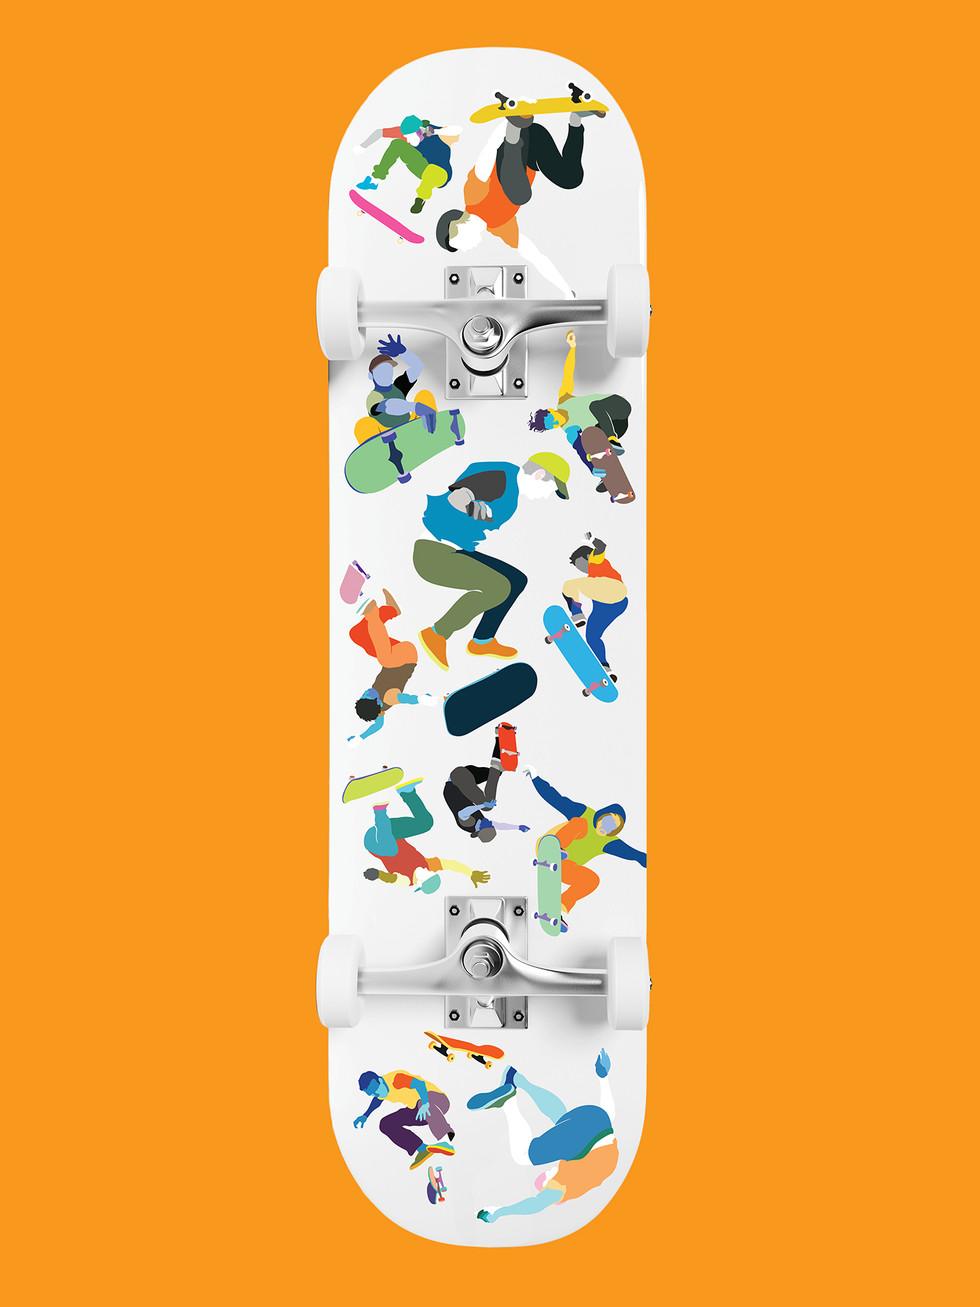 skate-deck-1-SM.jpg